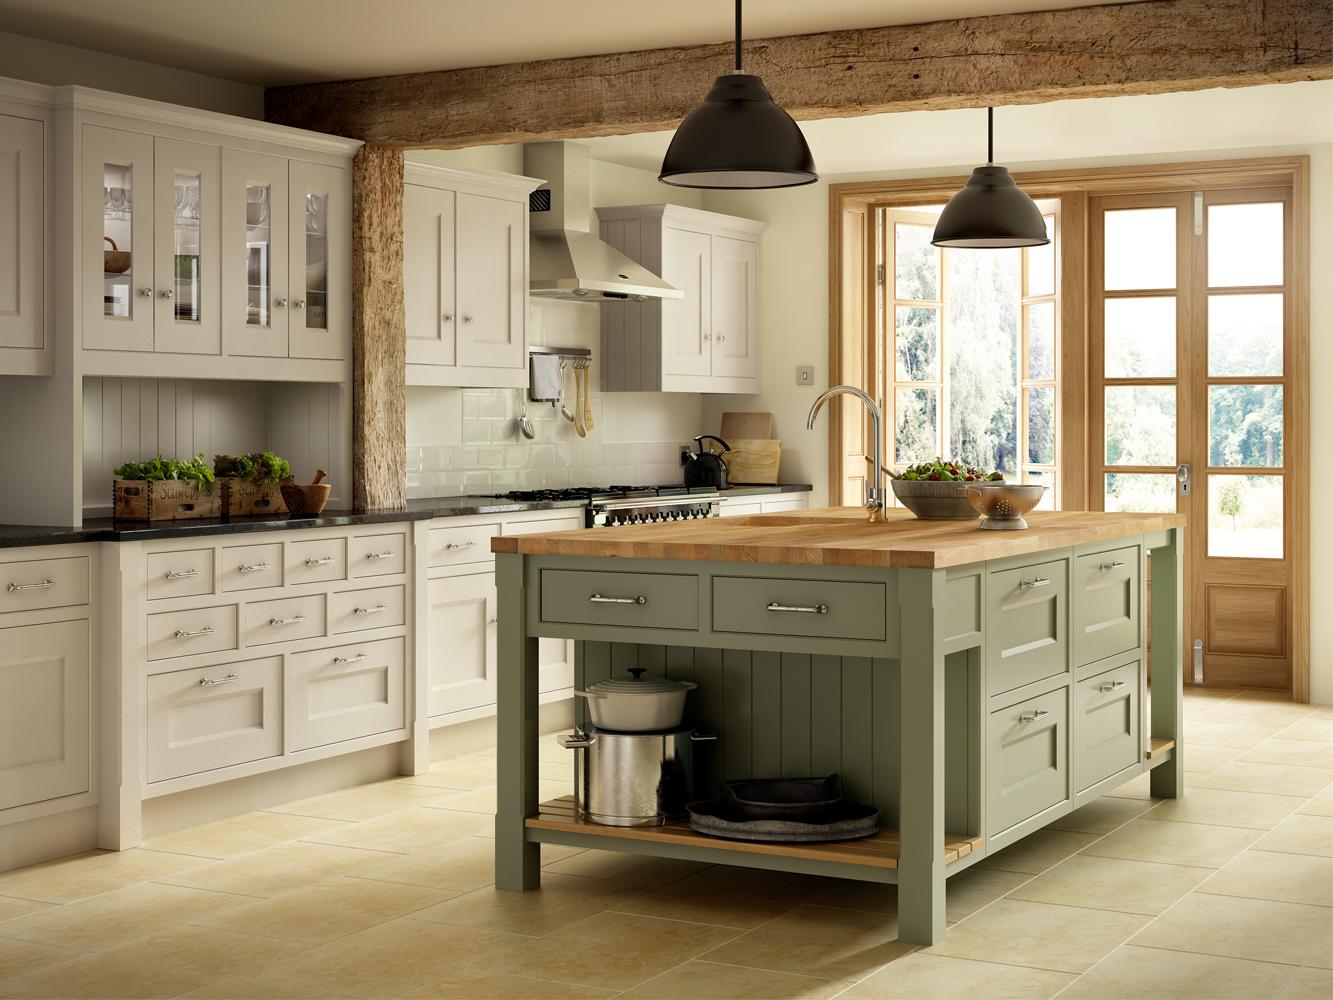 pix-us-cg-warm-kitchen